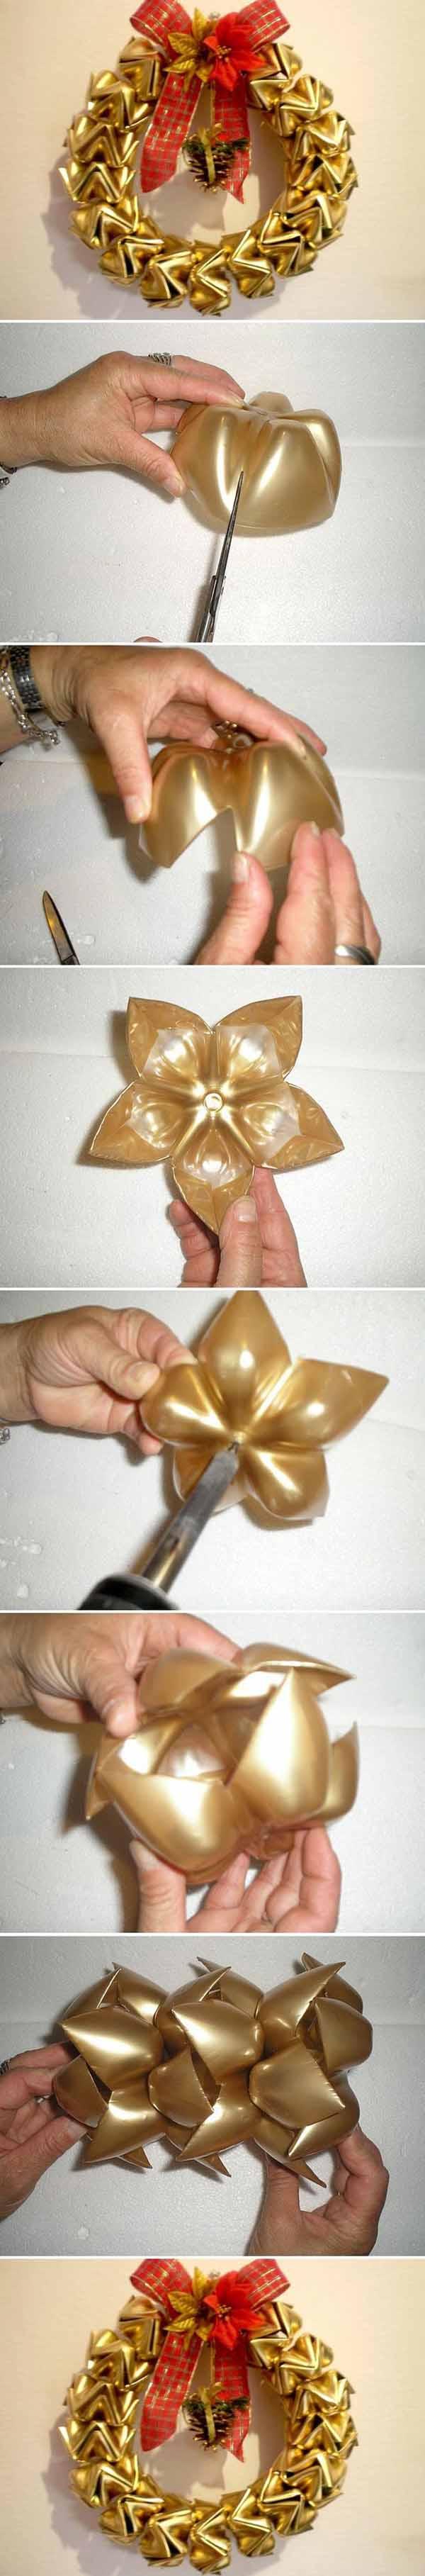 decoracion-navidad-con-botellas-plasticas-corona-pasos